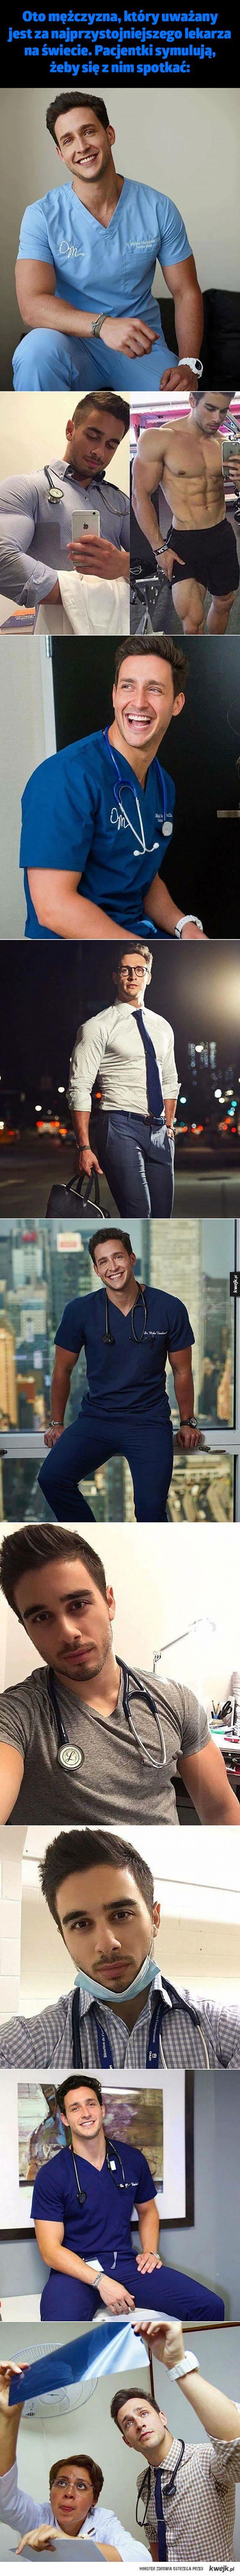 Oto mężczyzna, który uważany jest za najprzystojniejszego lekarza